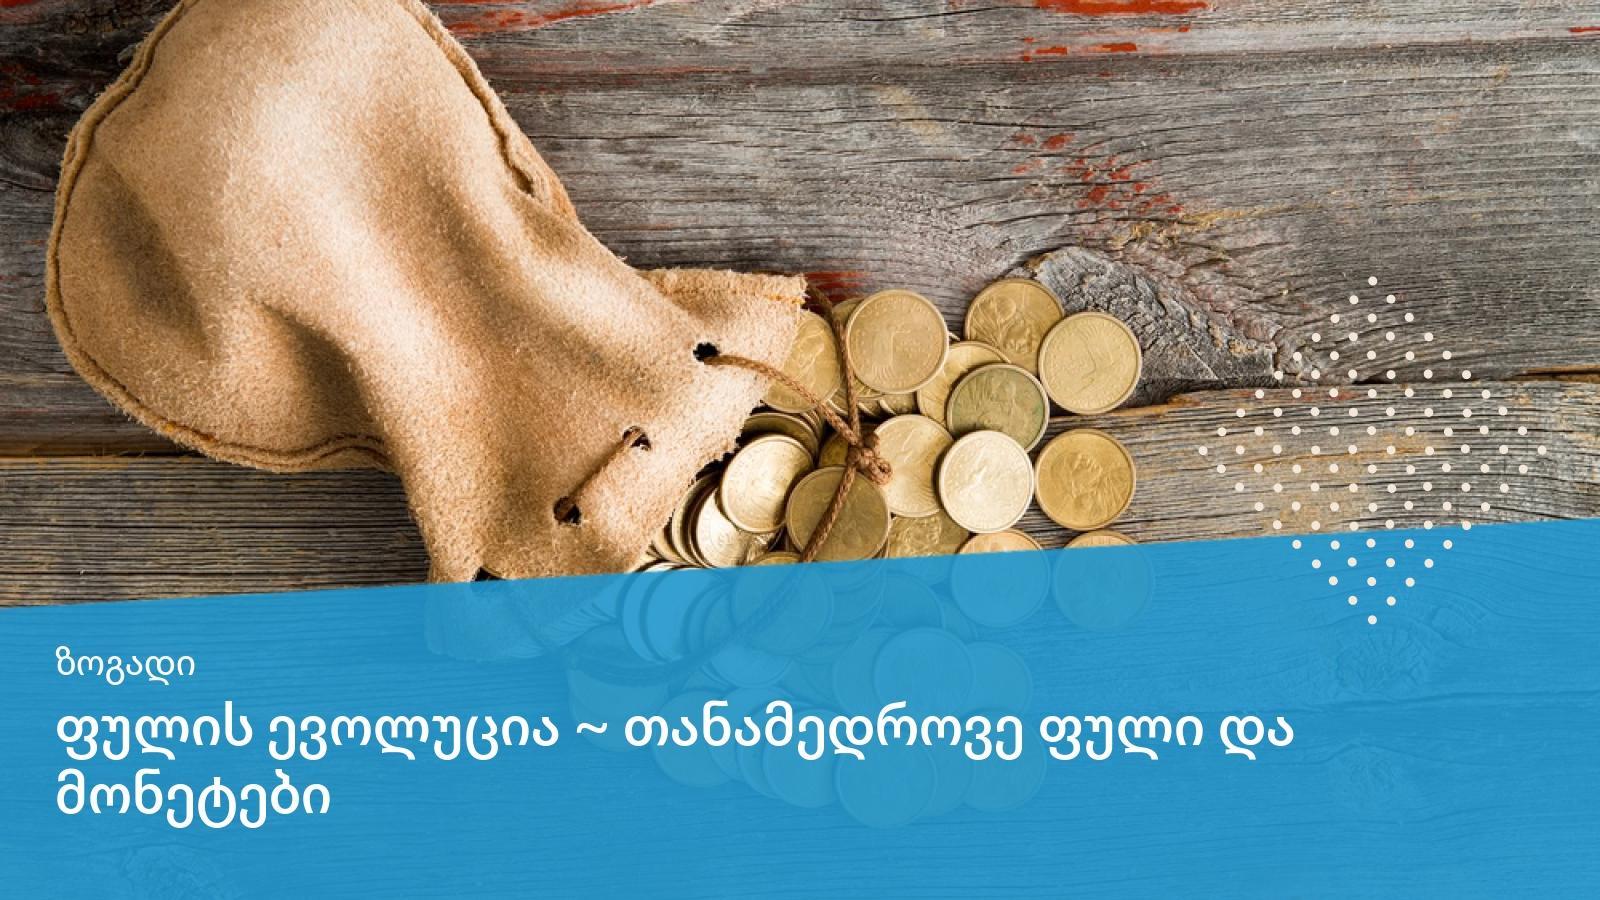 ფული fuli და მონეტები monetebi - sesxebi, online sesxebi